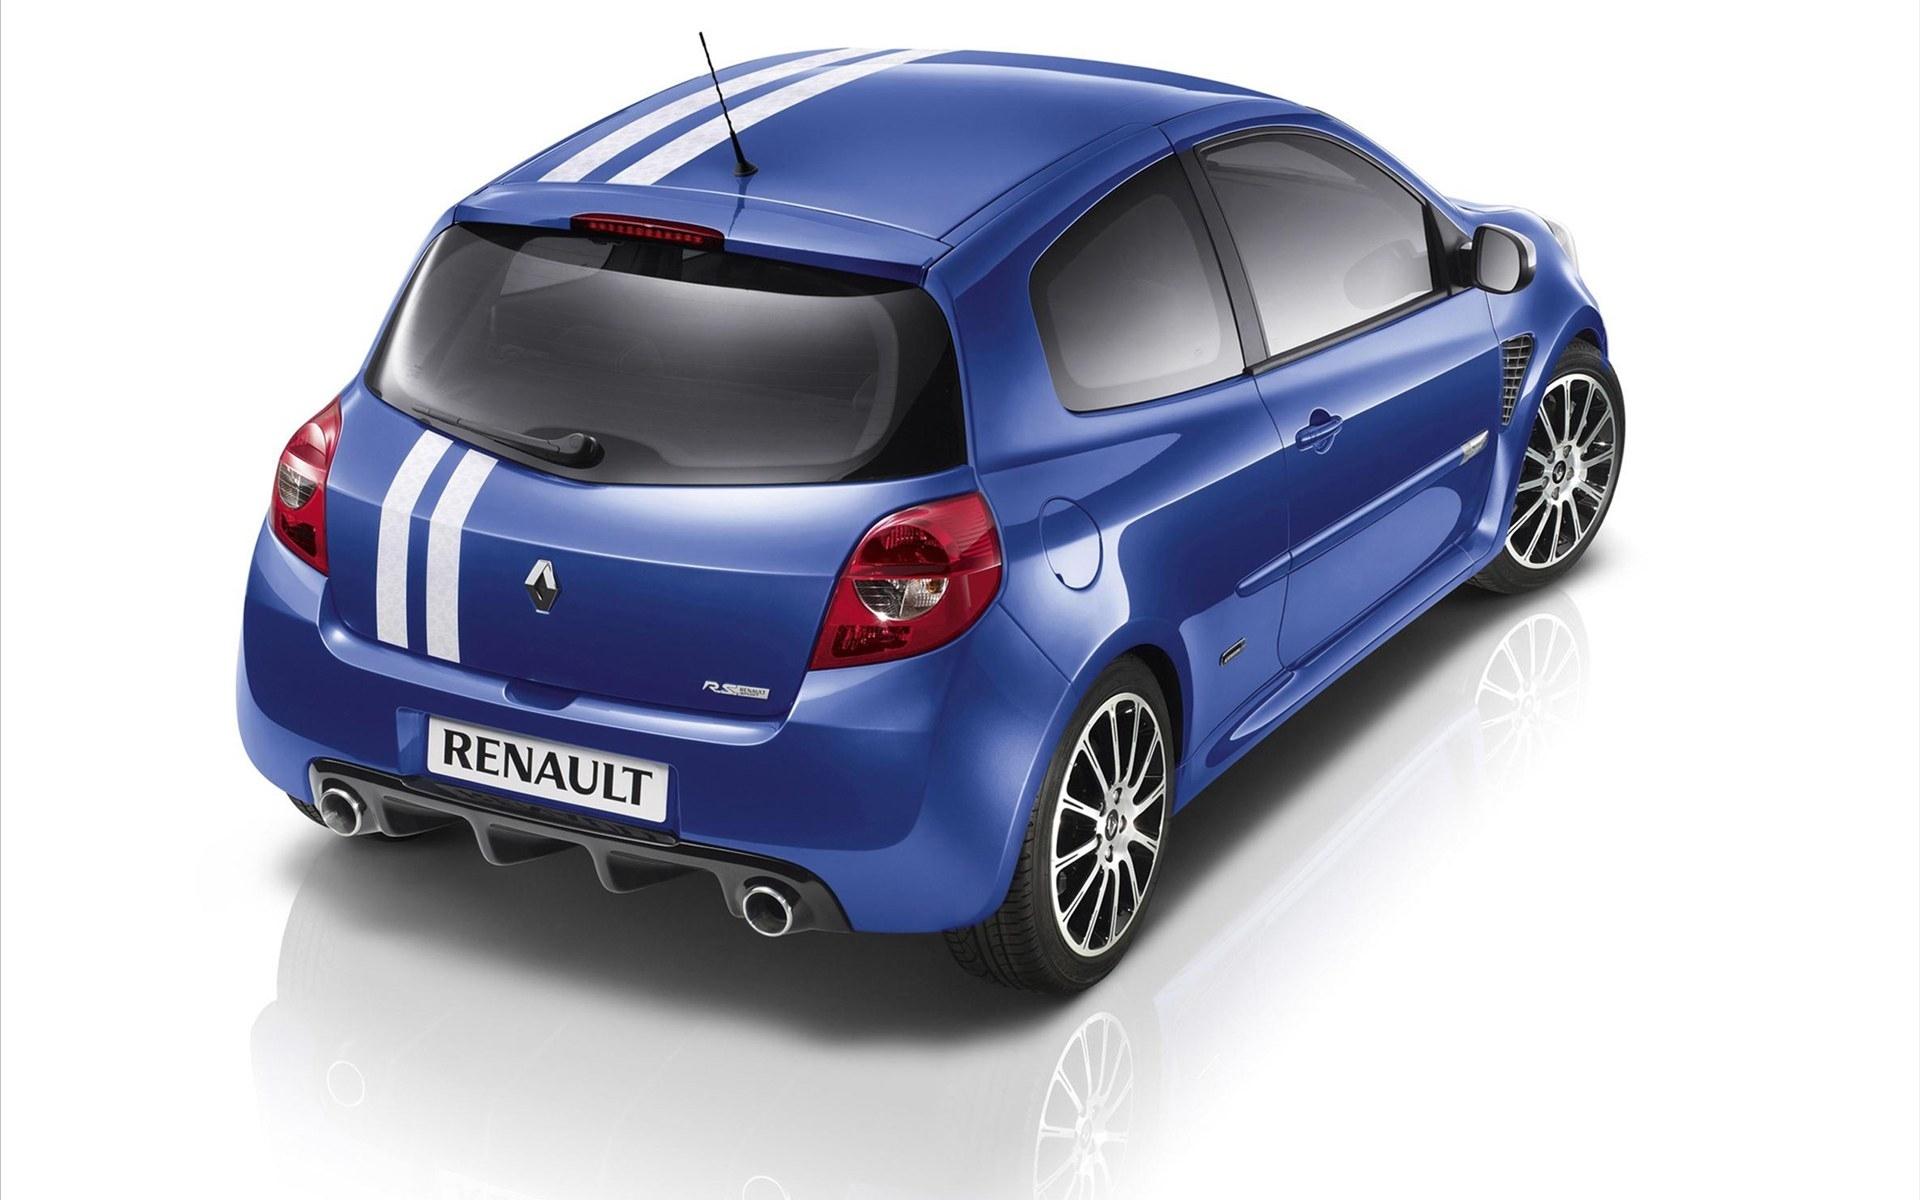 28064 Hintergrundbild herunterladen Transport, Auto, Renault - Bildschirmschoner und Bilder kostenlos